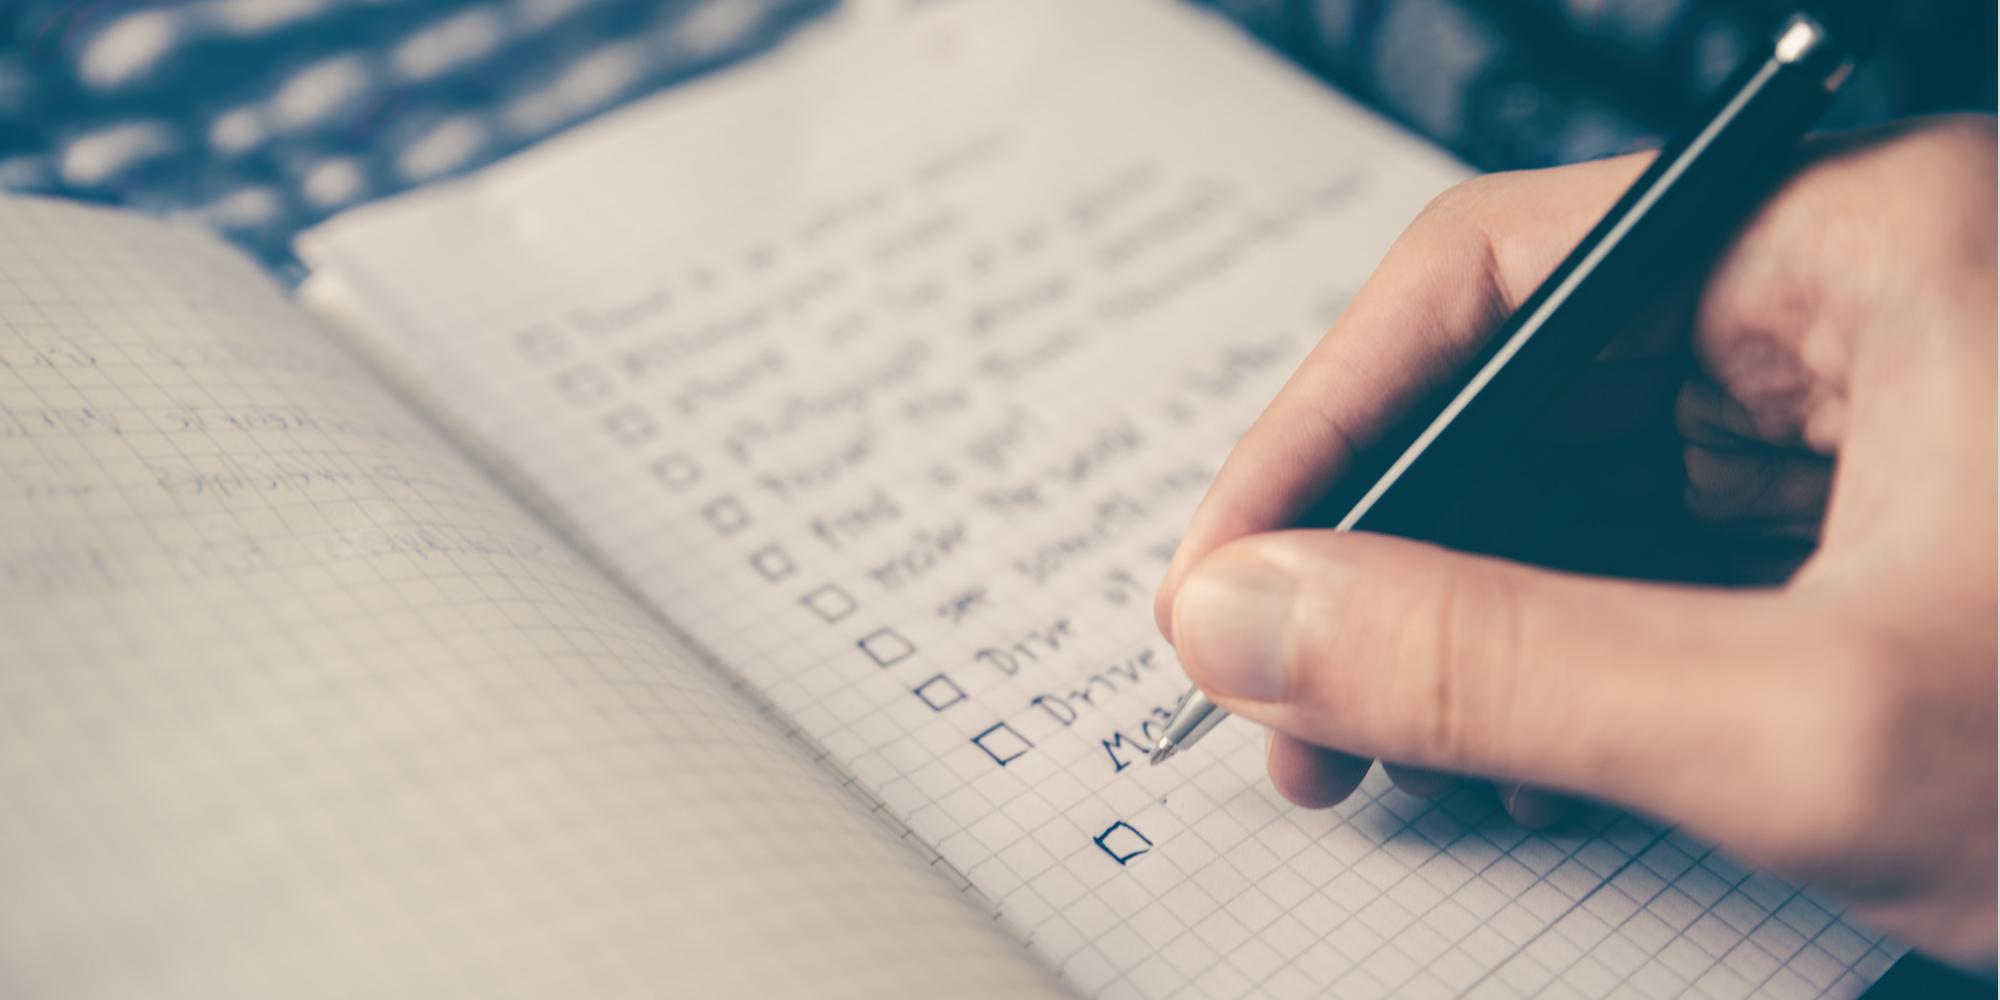 如何提高做事效率?7天形成高效习惯